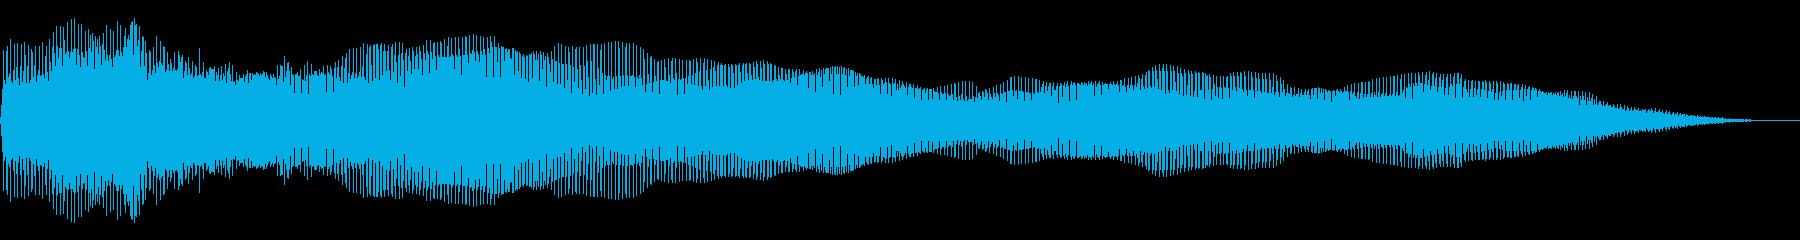 ディープエンベロープドローンの再生済みの波形